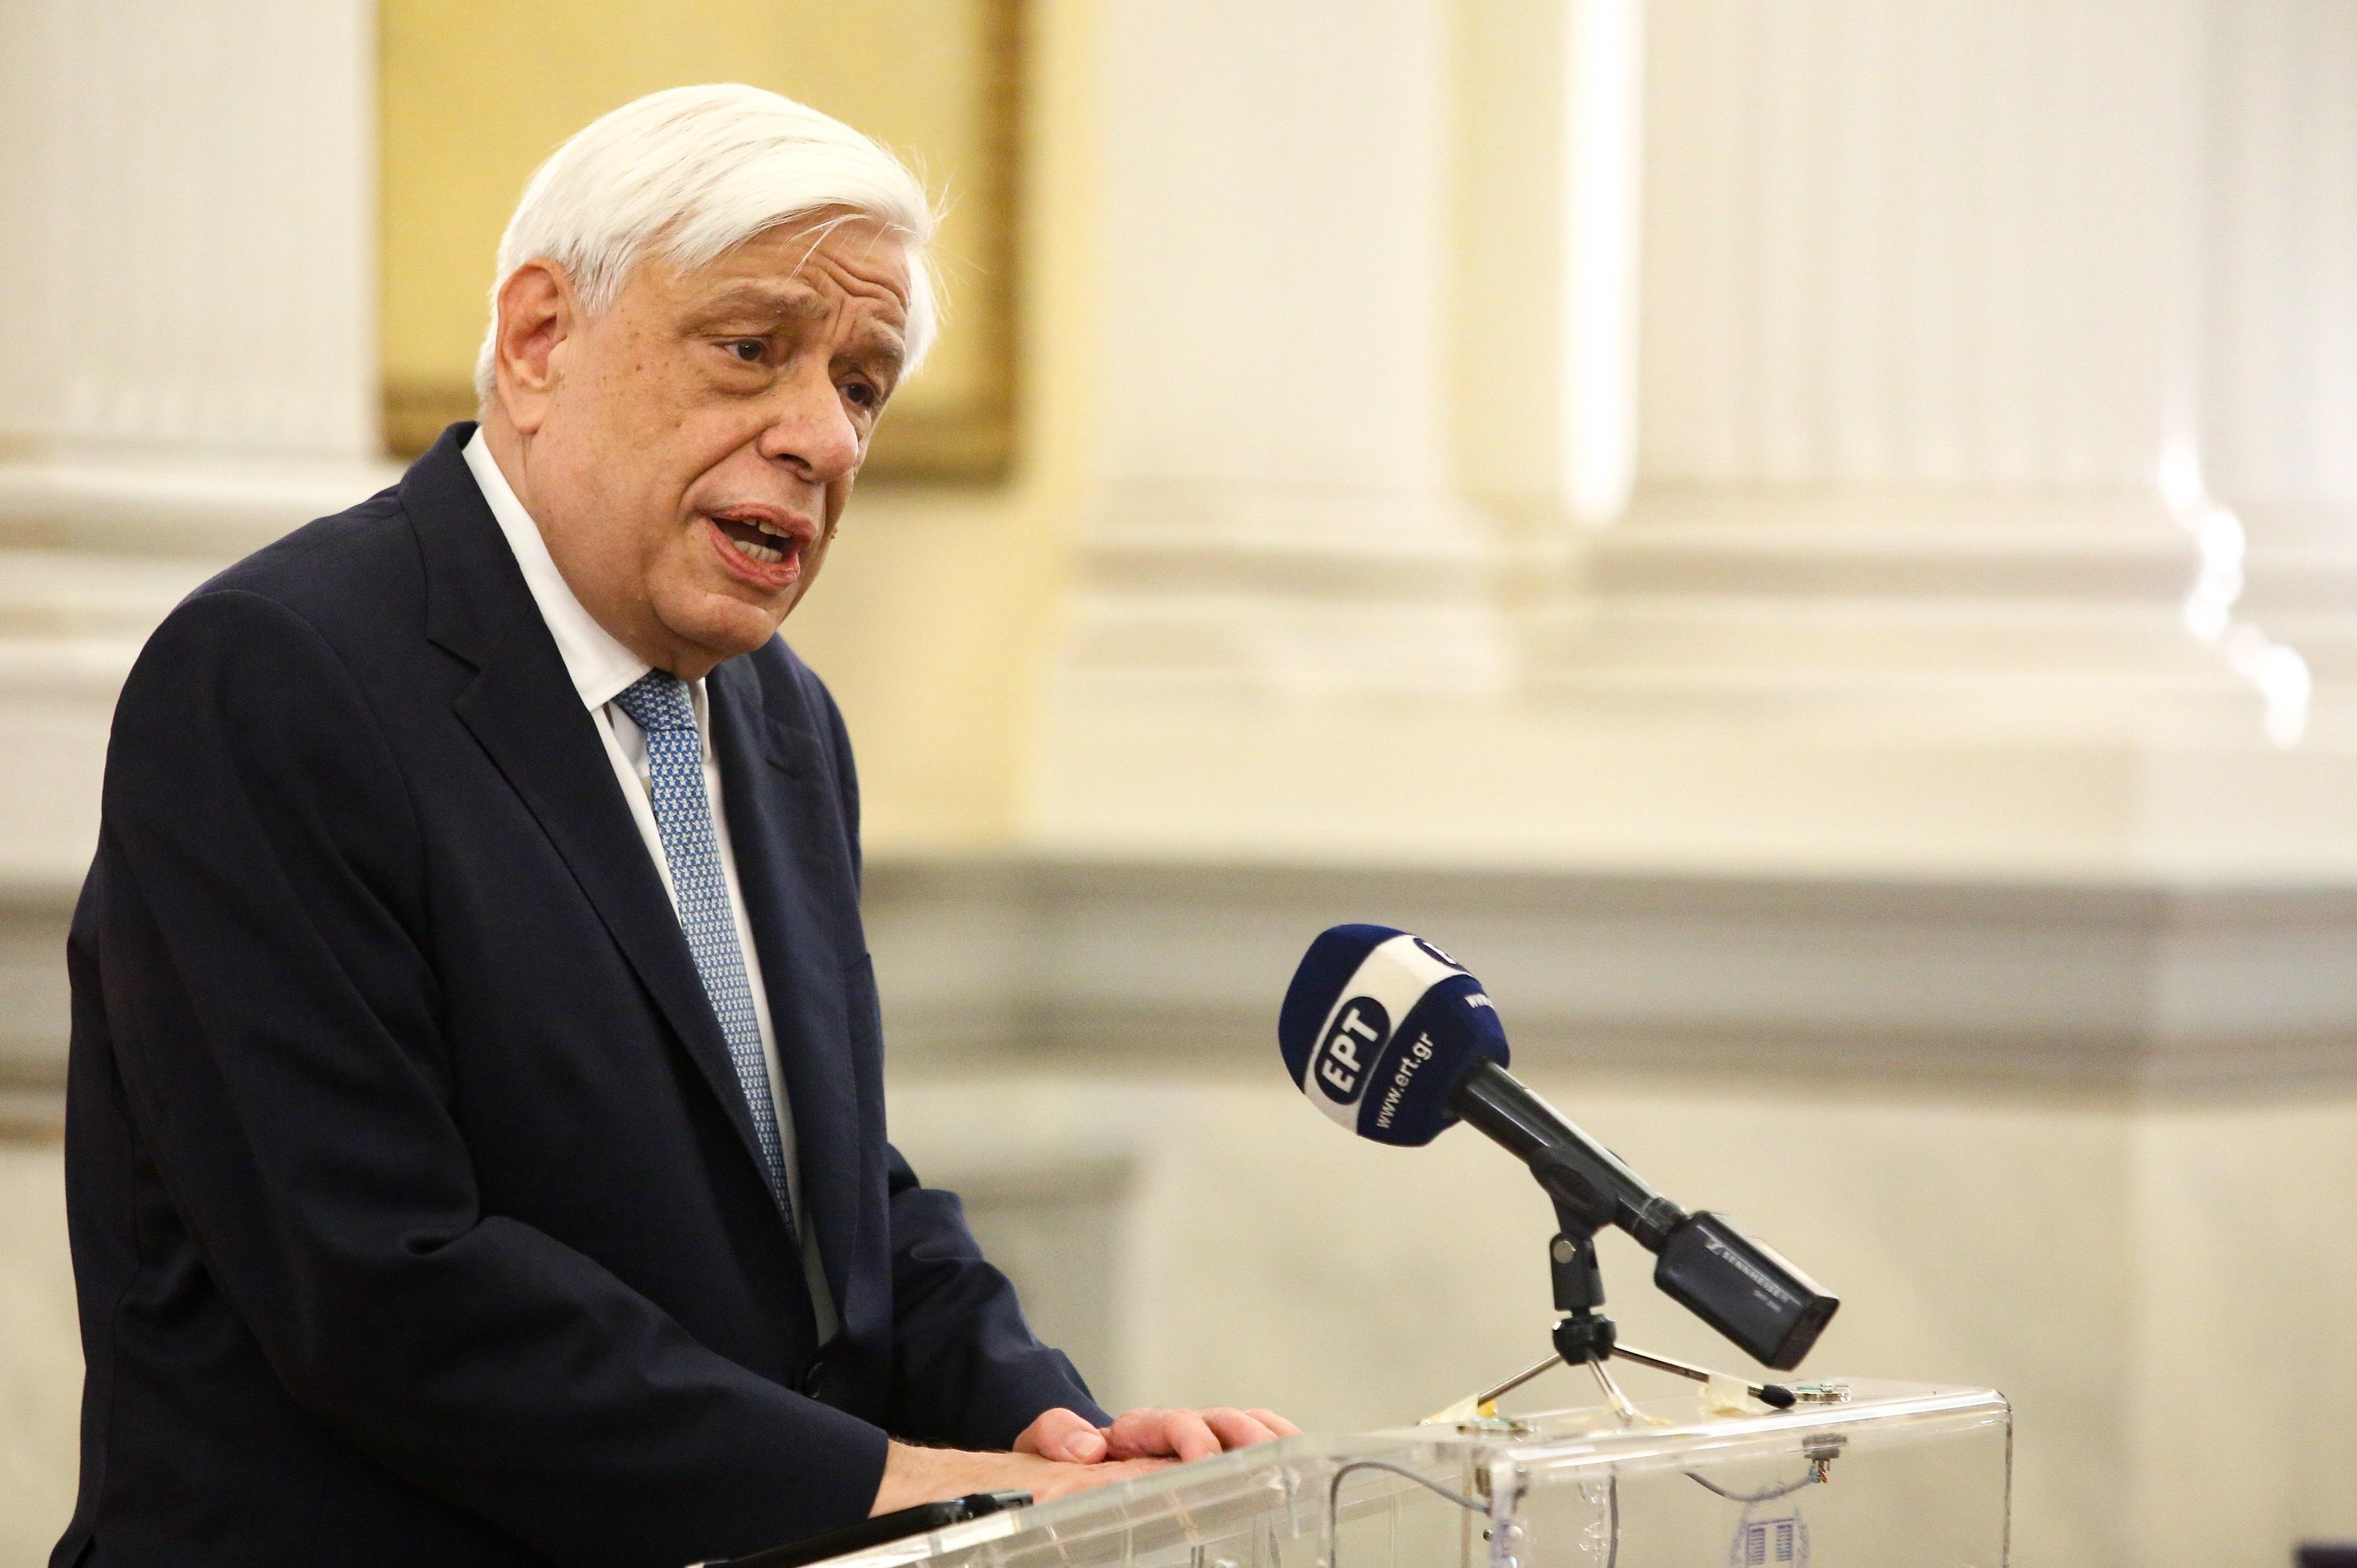 Παυλόπουλος: Χωρίς τα γλυπτά ο Παρθενώνας δεν μπορεί να εκπέμψει το πολιτιστικό του μήνυμα